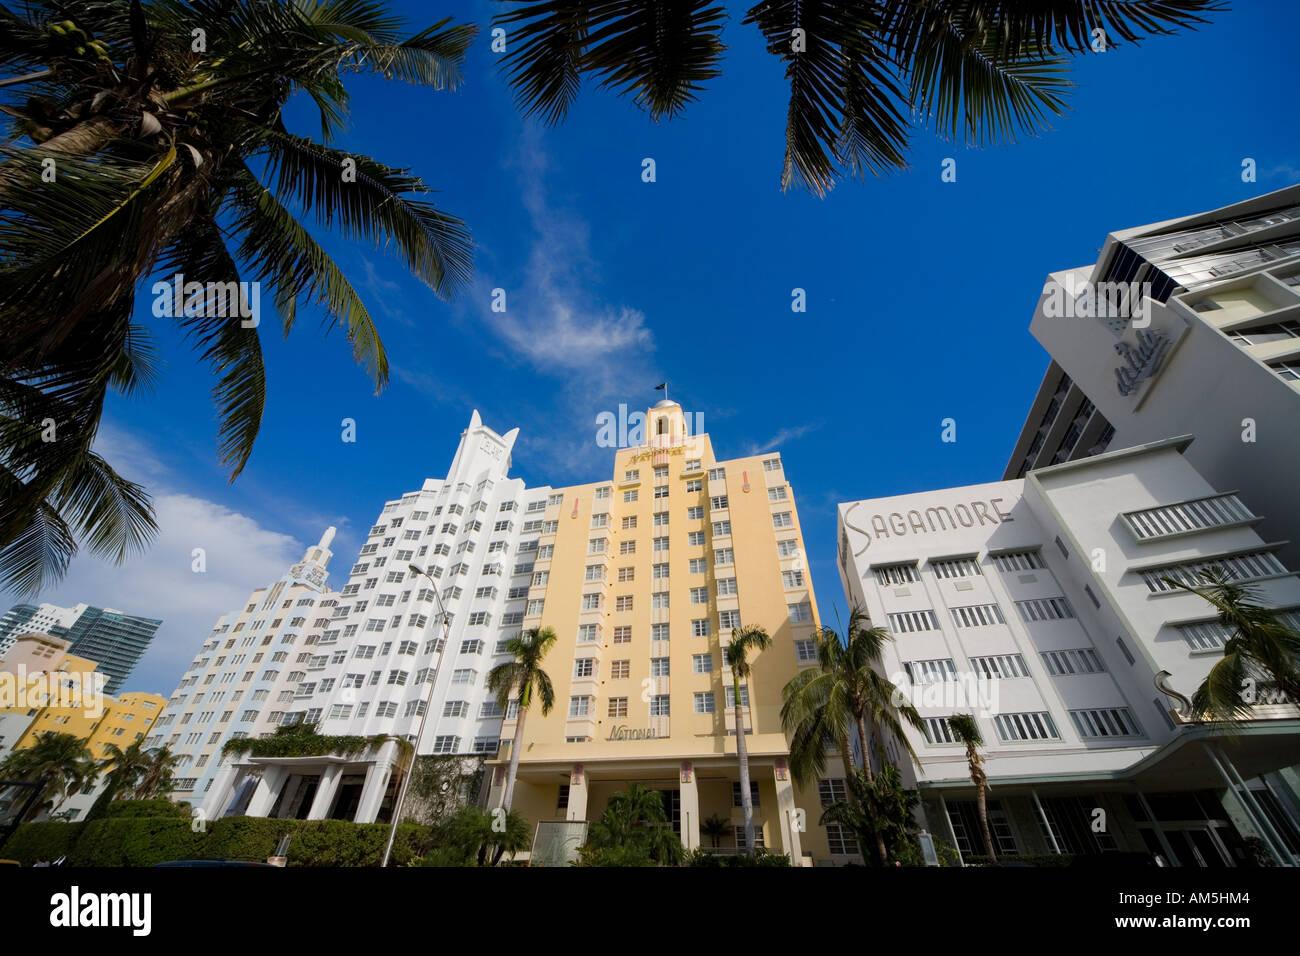 miami art deco hotel architecture ritz plaza the delano national